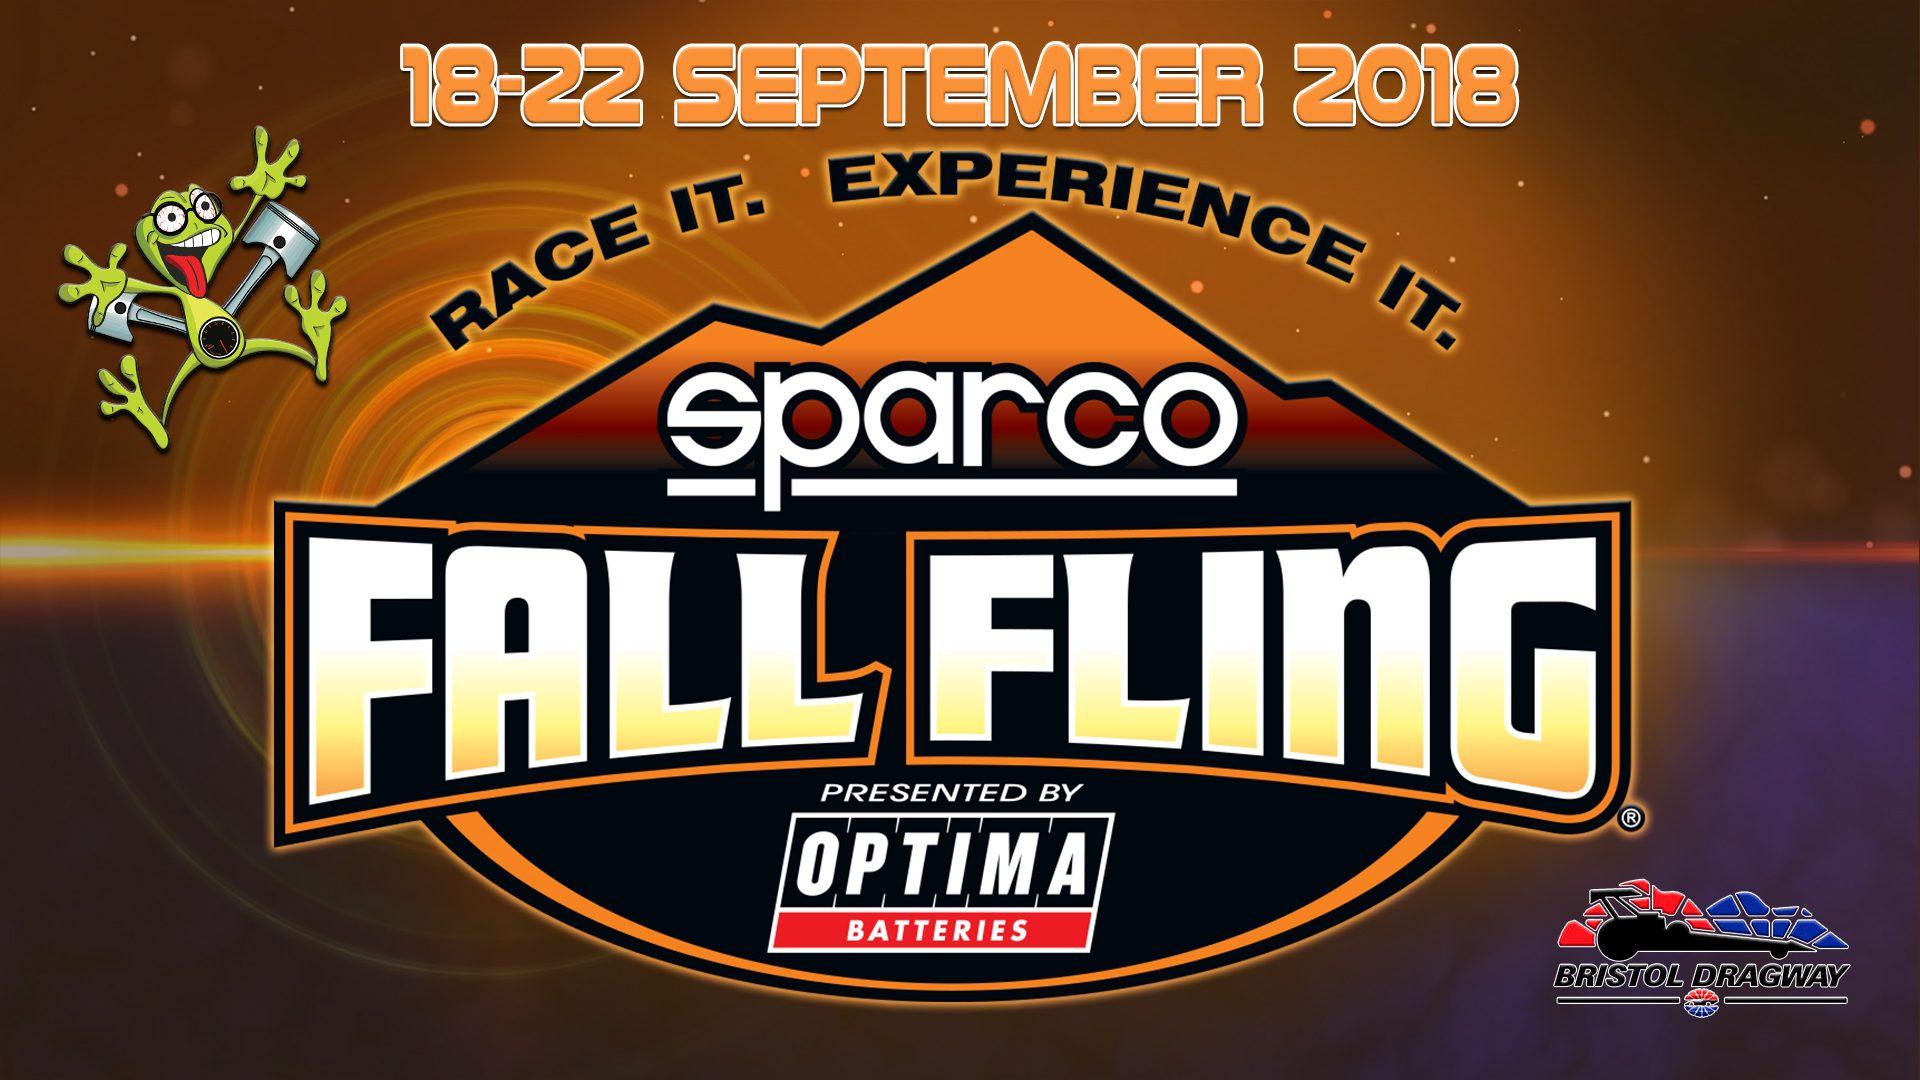 Sept18-22_FallFling2018_Wps3